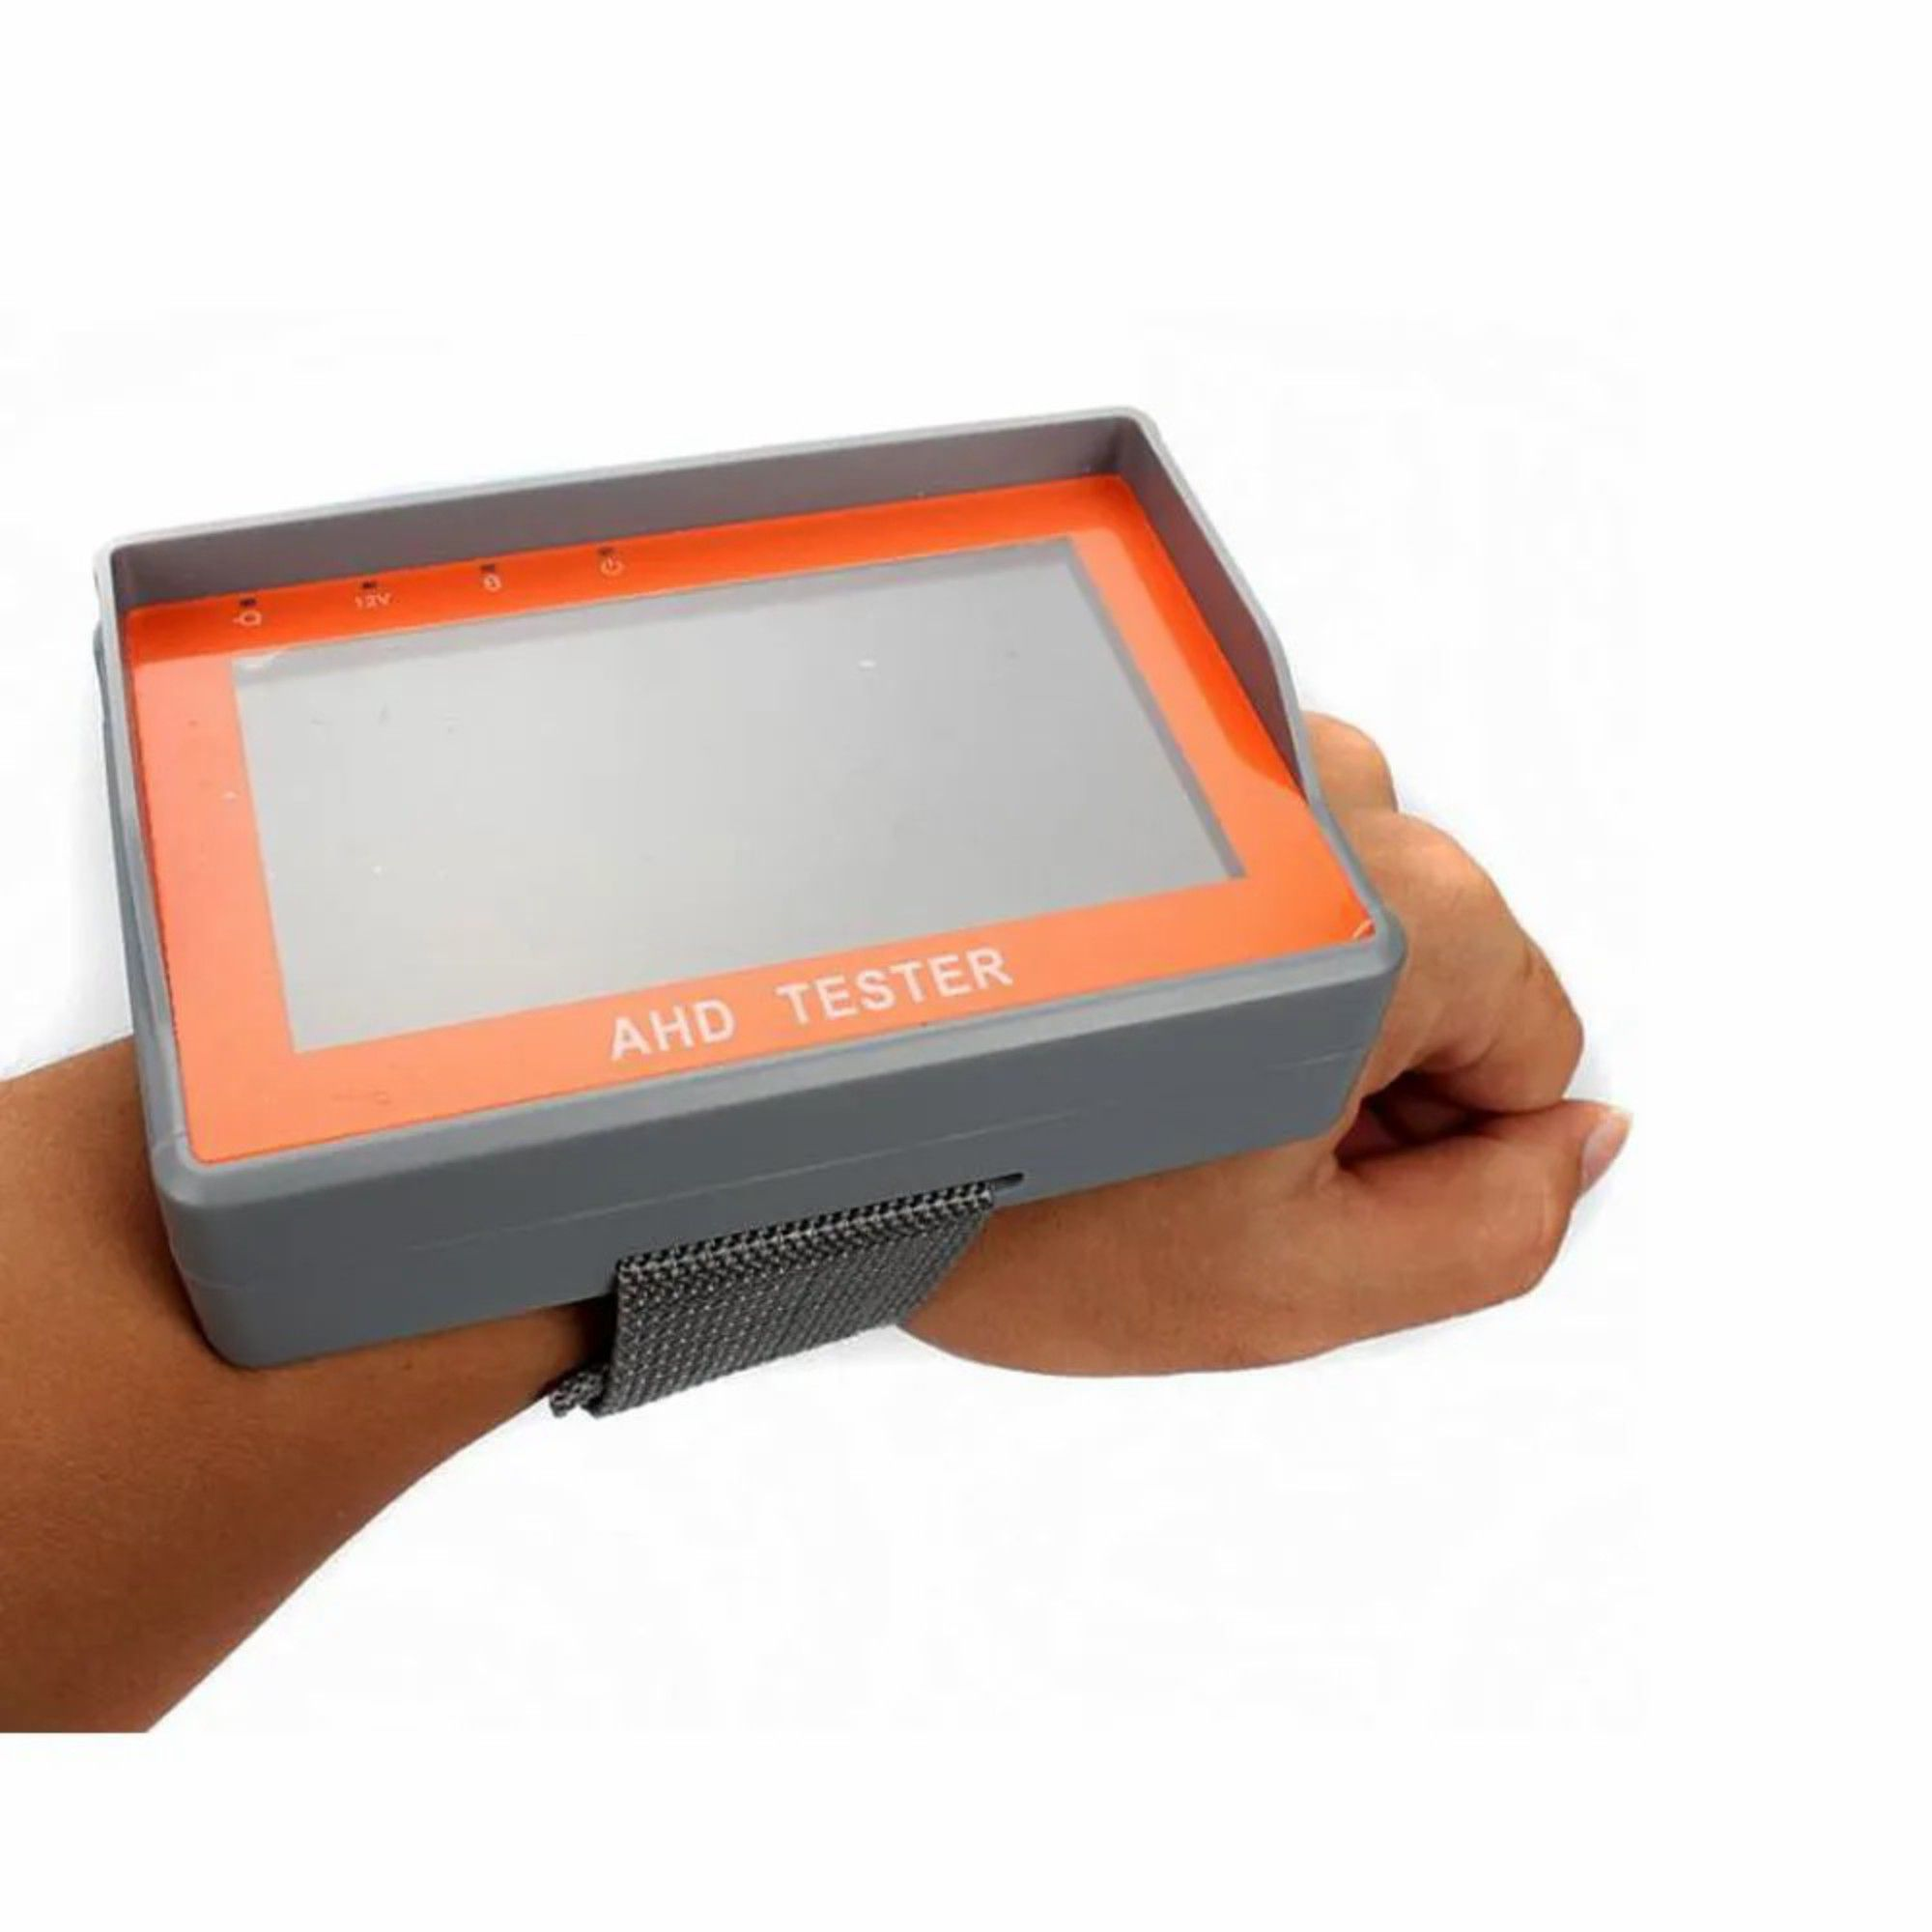 Monitor 4.3 Tester Câmera Testador 4 Em 1 Cvbs/Ahd/Tvi/Cvi